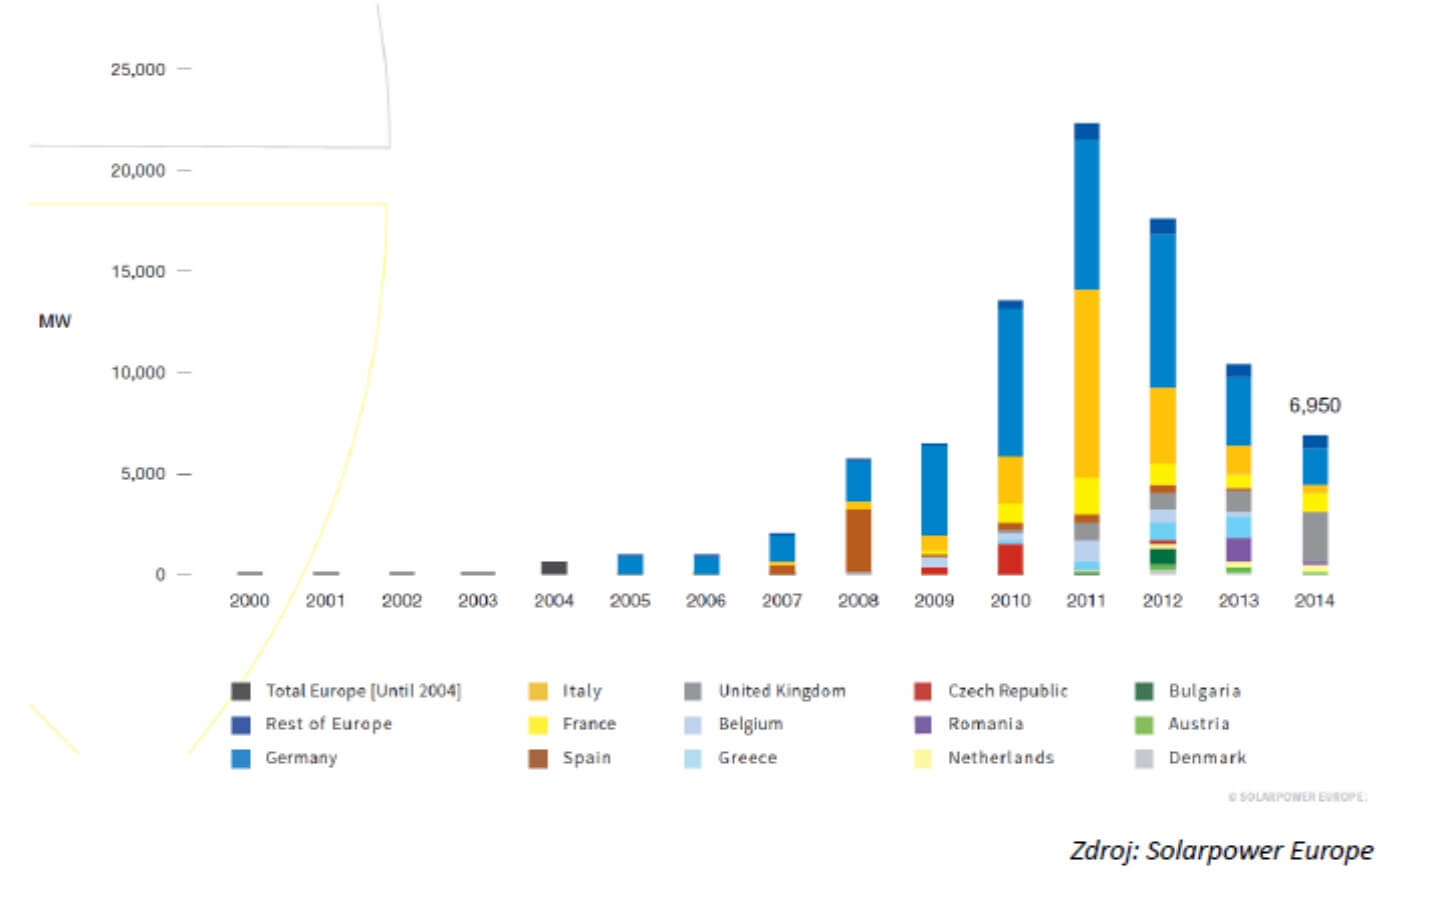 Roční nově instalovaný výkon fotovoltaických elektráren má v Evropě za sebou maximum v letech 2010 až 2012. Vývoj tehdy udávalo hlavně Německo a Itálie. Nyní se situace po poklesu stabilizovala. V roce 2015 bylo instalováno 8 GWp, v roce 2016 pak 6,7 GWp a v roce 2017 je výhled instalovat zhruba 7,5 GWp. (Zdroj Solarpower Europe).